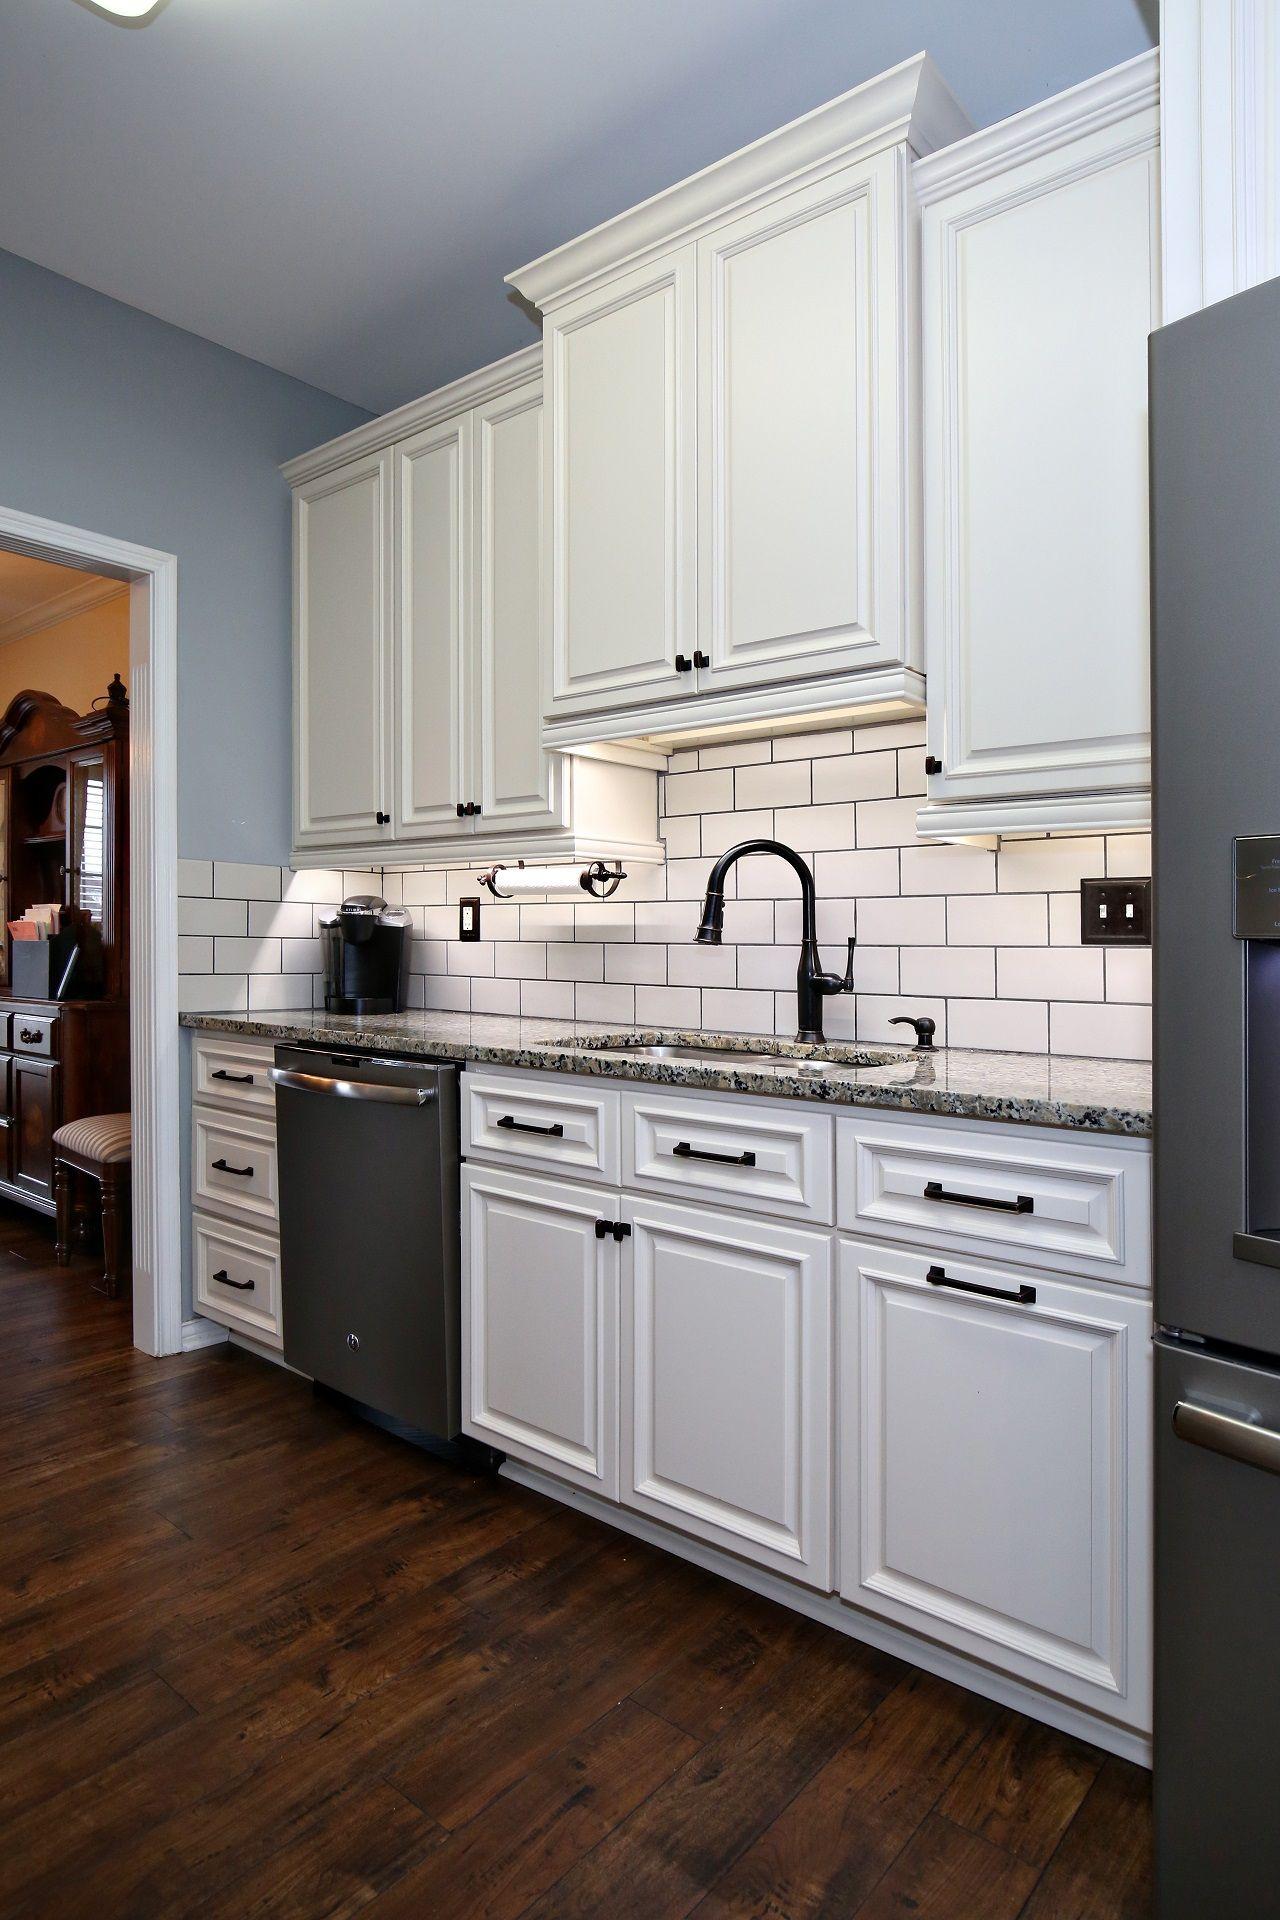 Gallery Kitchen Cabinet Distributors Kitchen Cabinets Cabinet Kitchen